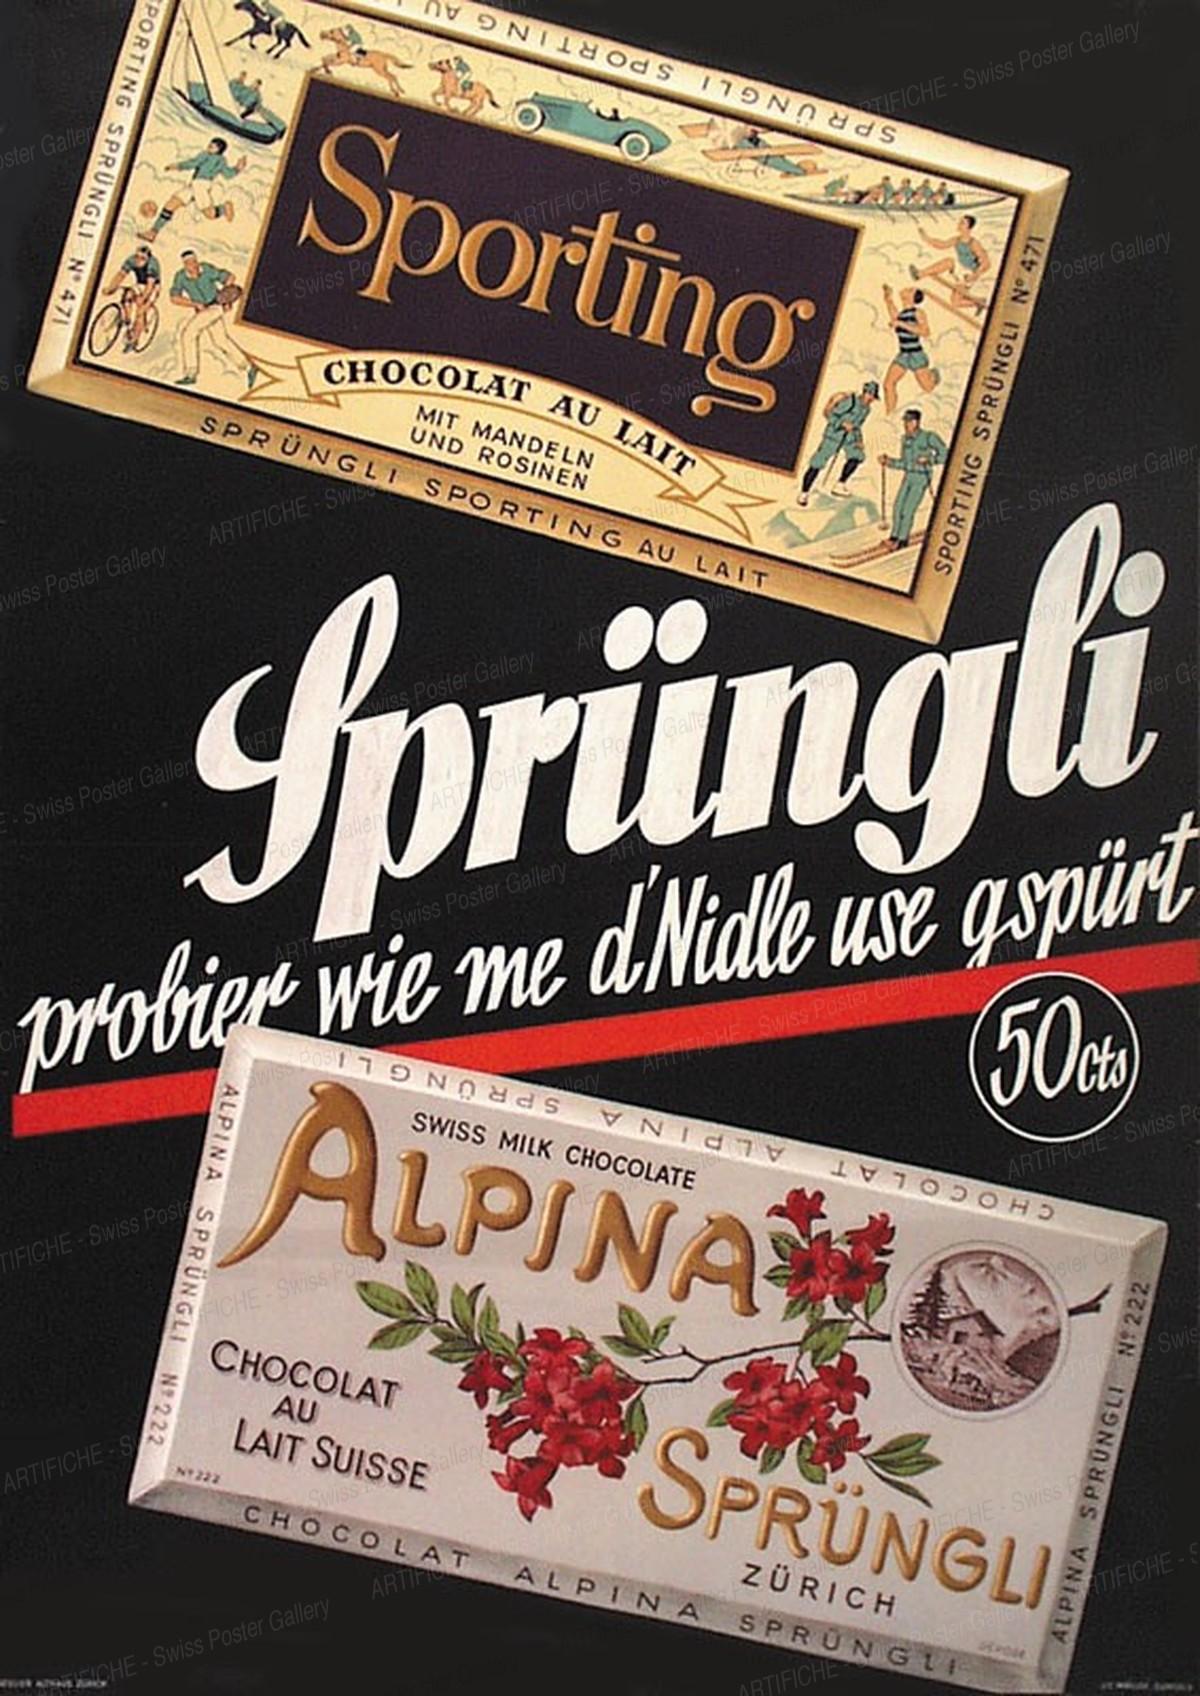 Sprüngli – Sporting – Alpina – Probier wie me d'Nidle use gspürt, Althaus, Paul O., Atelier